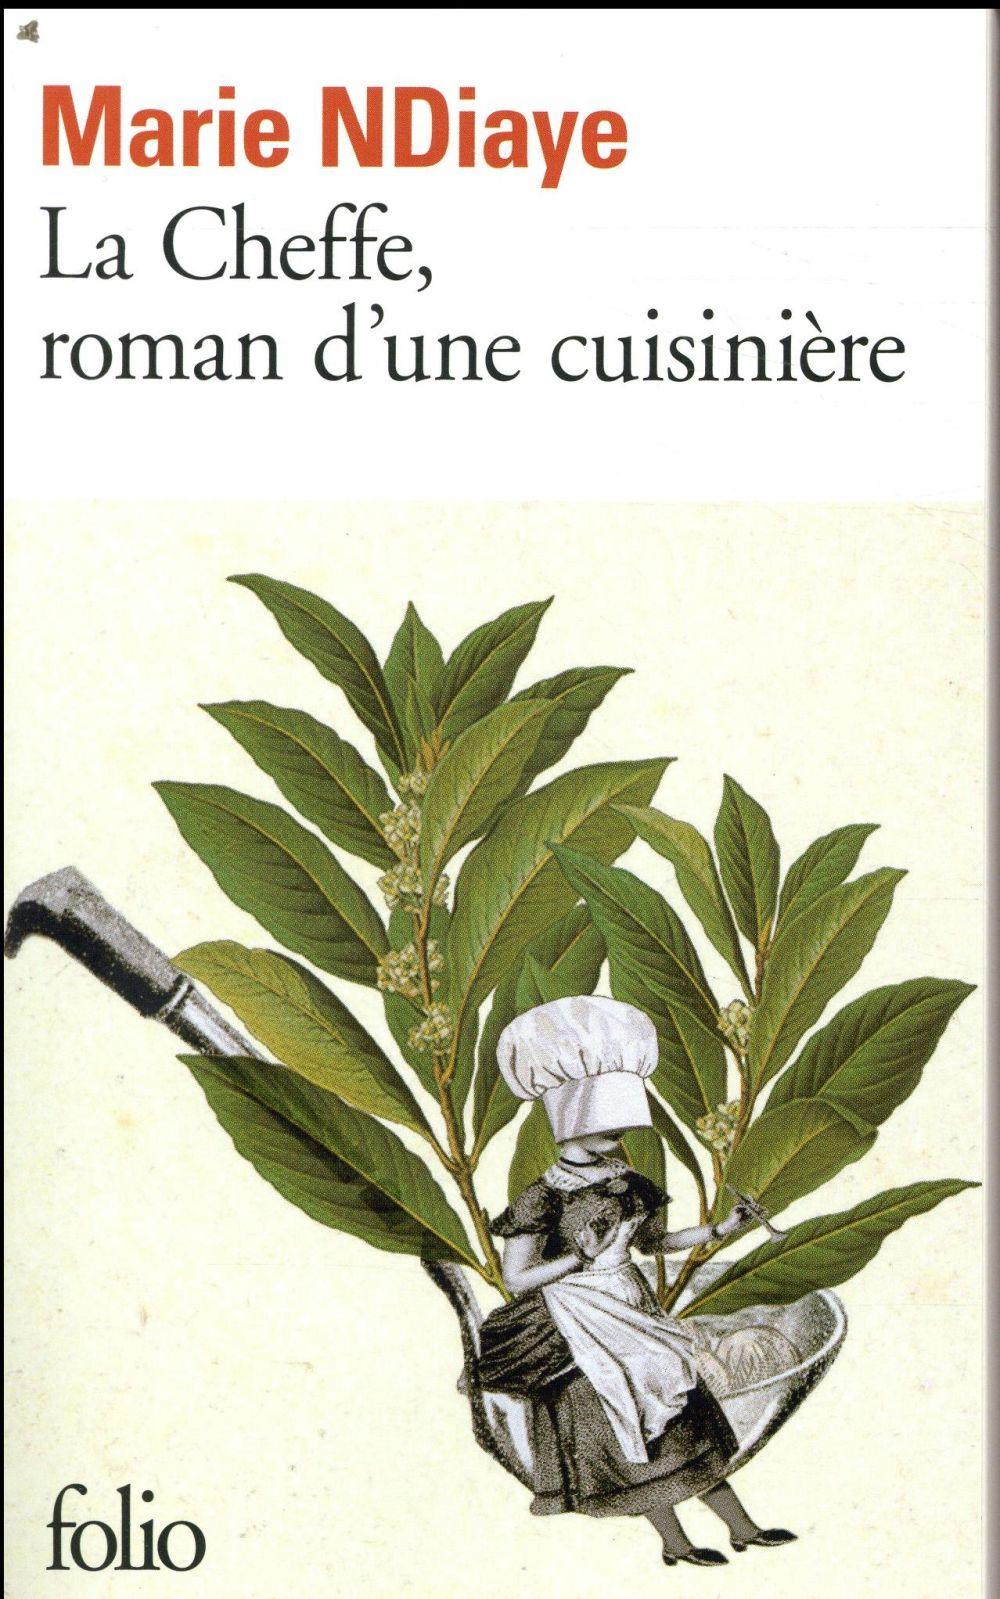 LA CHEFFE, ROMAN D'UNE CUISINIERE NDIAYE MARIE GALLIMARD